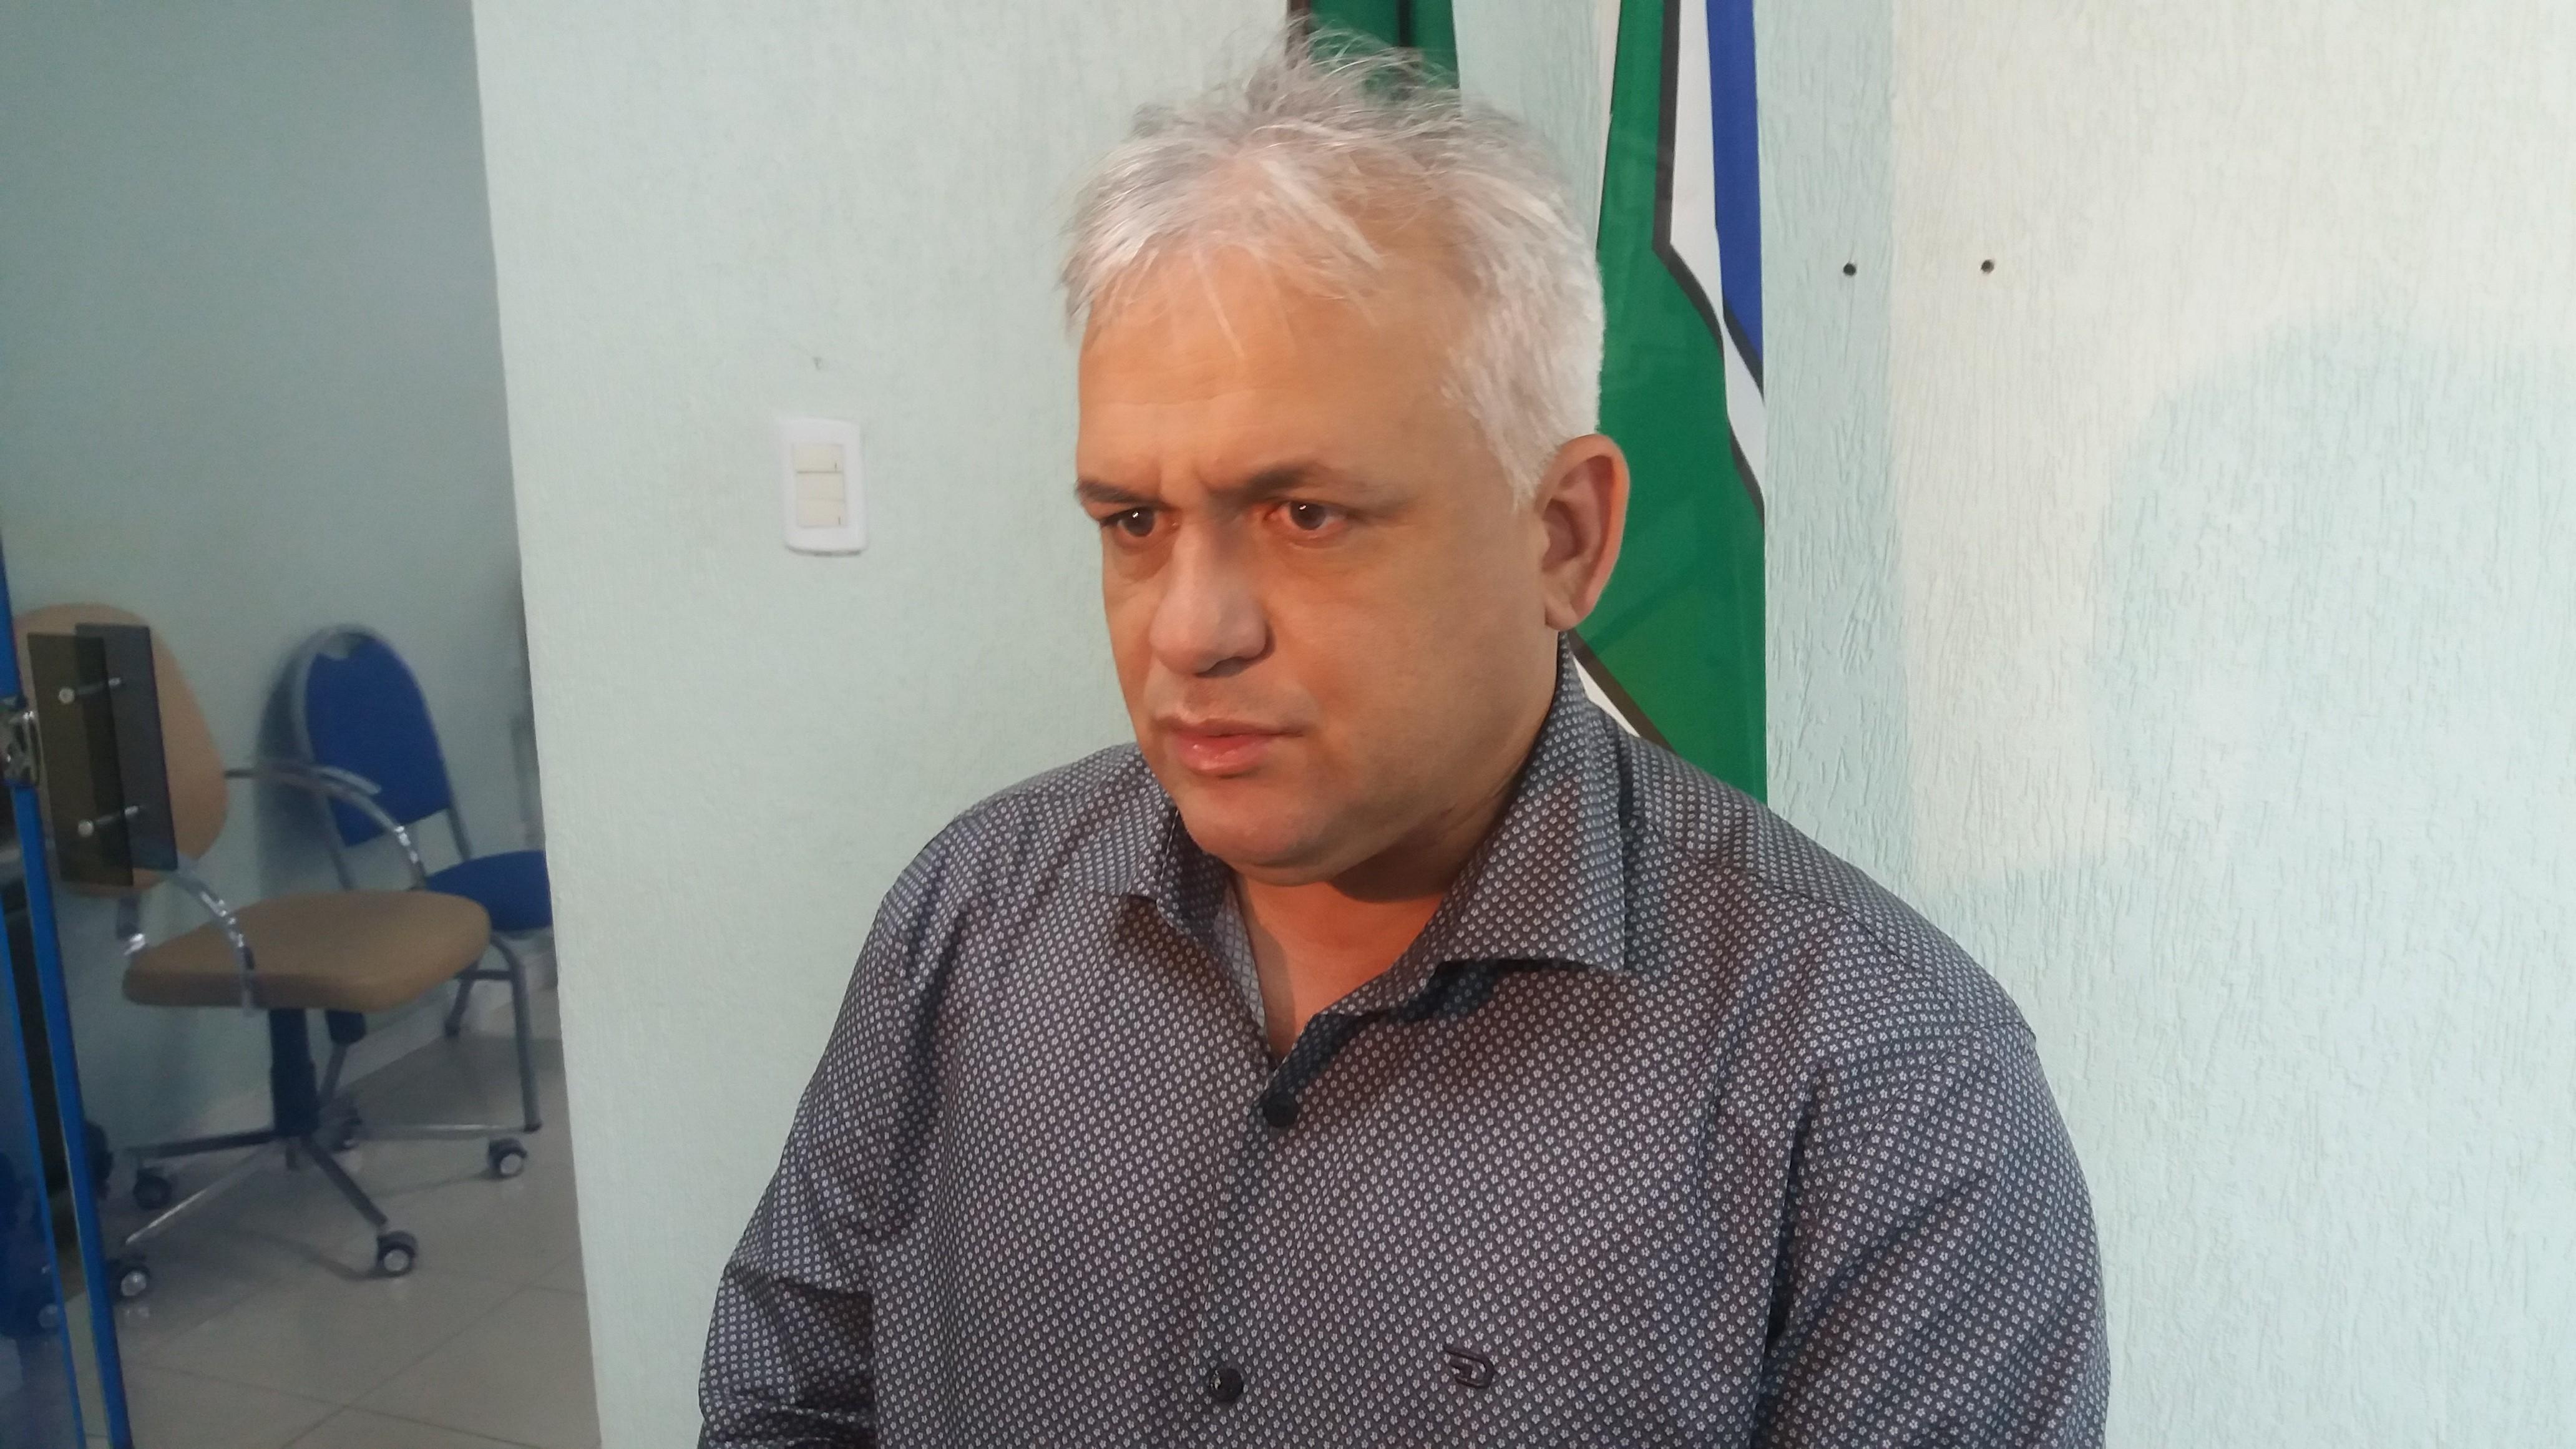 Justiça autoriza que ex-prefeito de Calçoene investigado no AP fique sem tornozeleira eletrônica